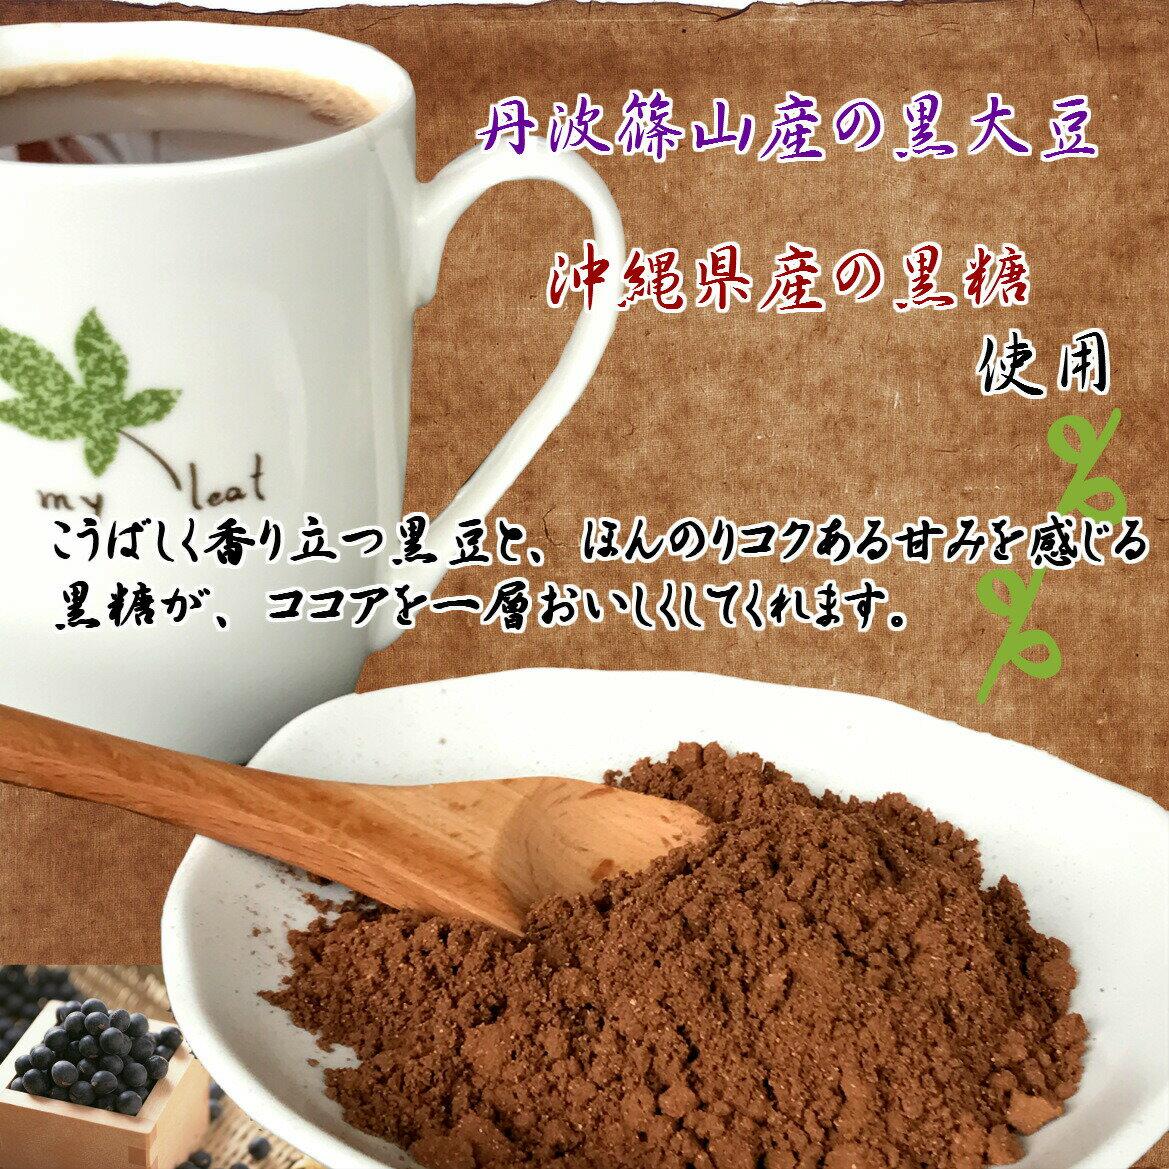 丹波黒 黒糖黒豆ココア 200g 【メール便】...の紹介画像2